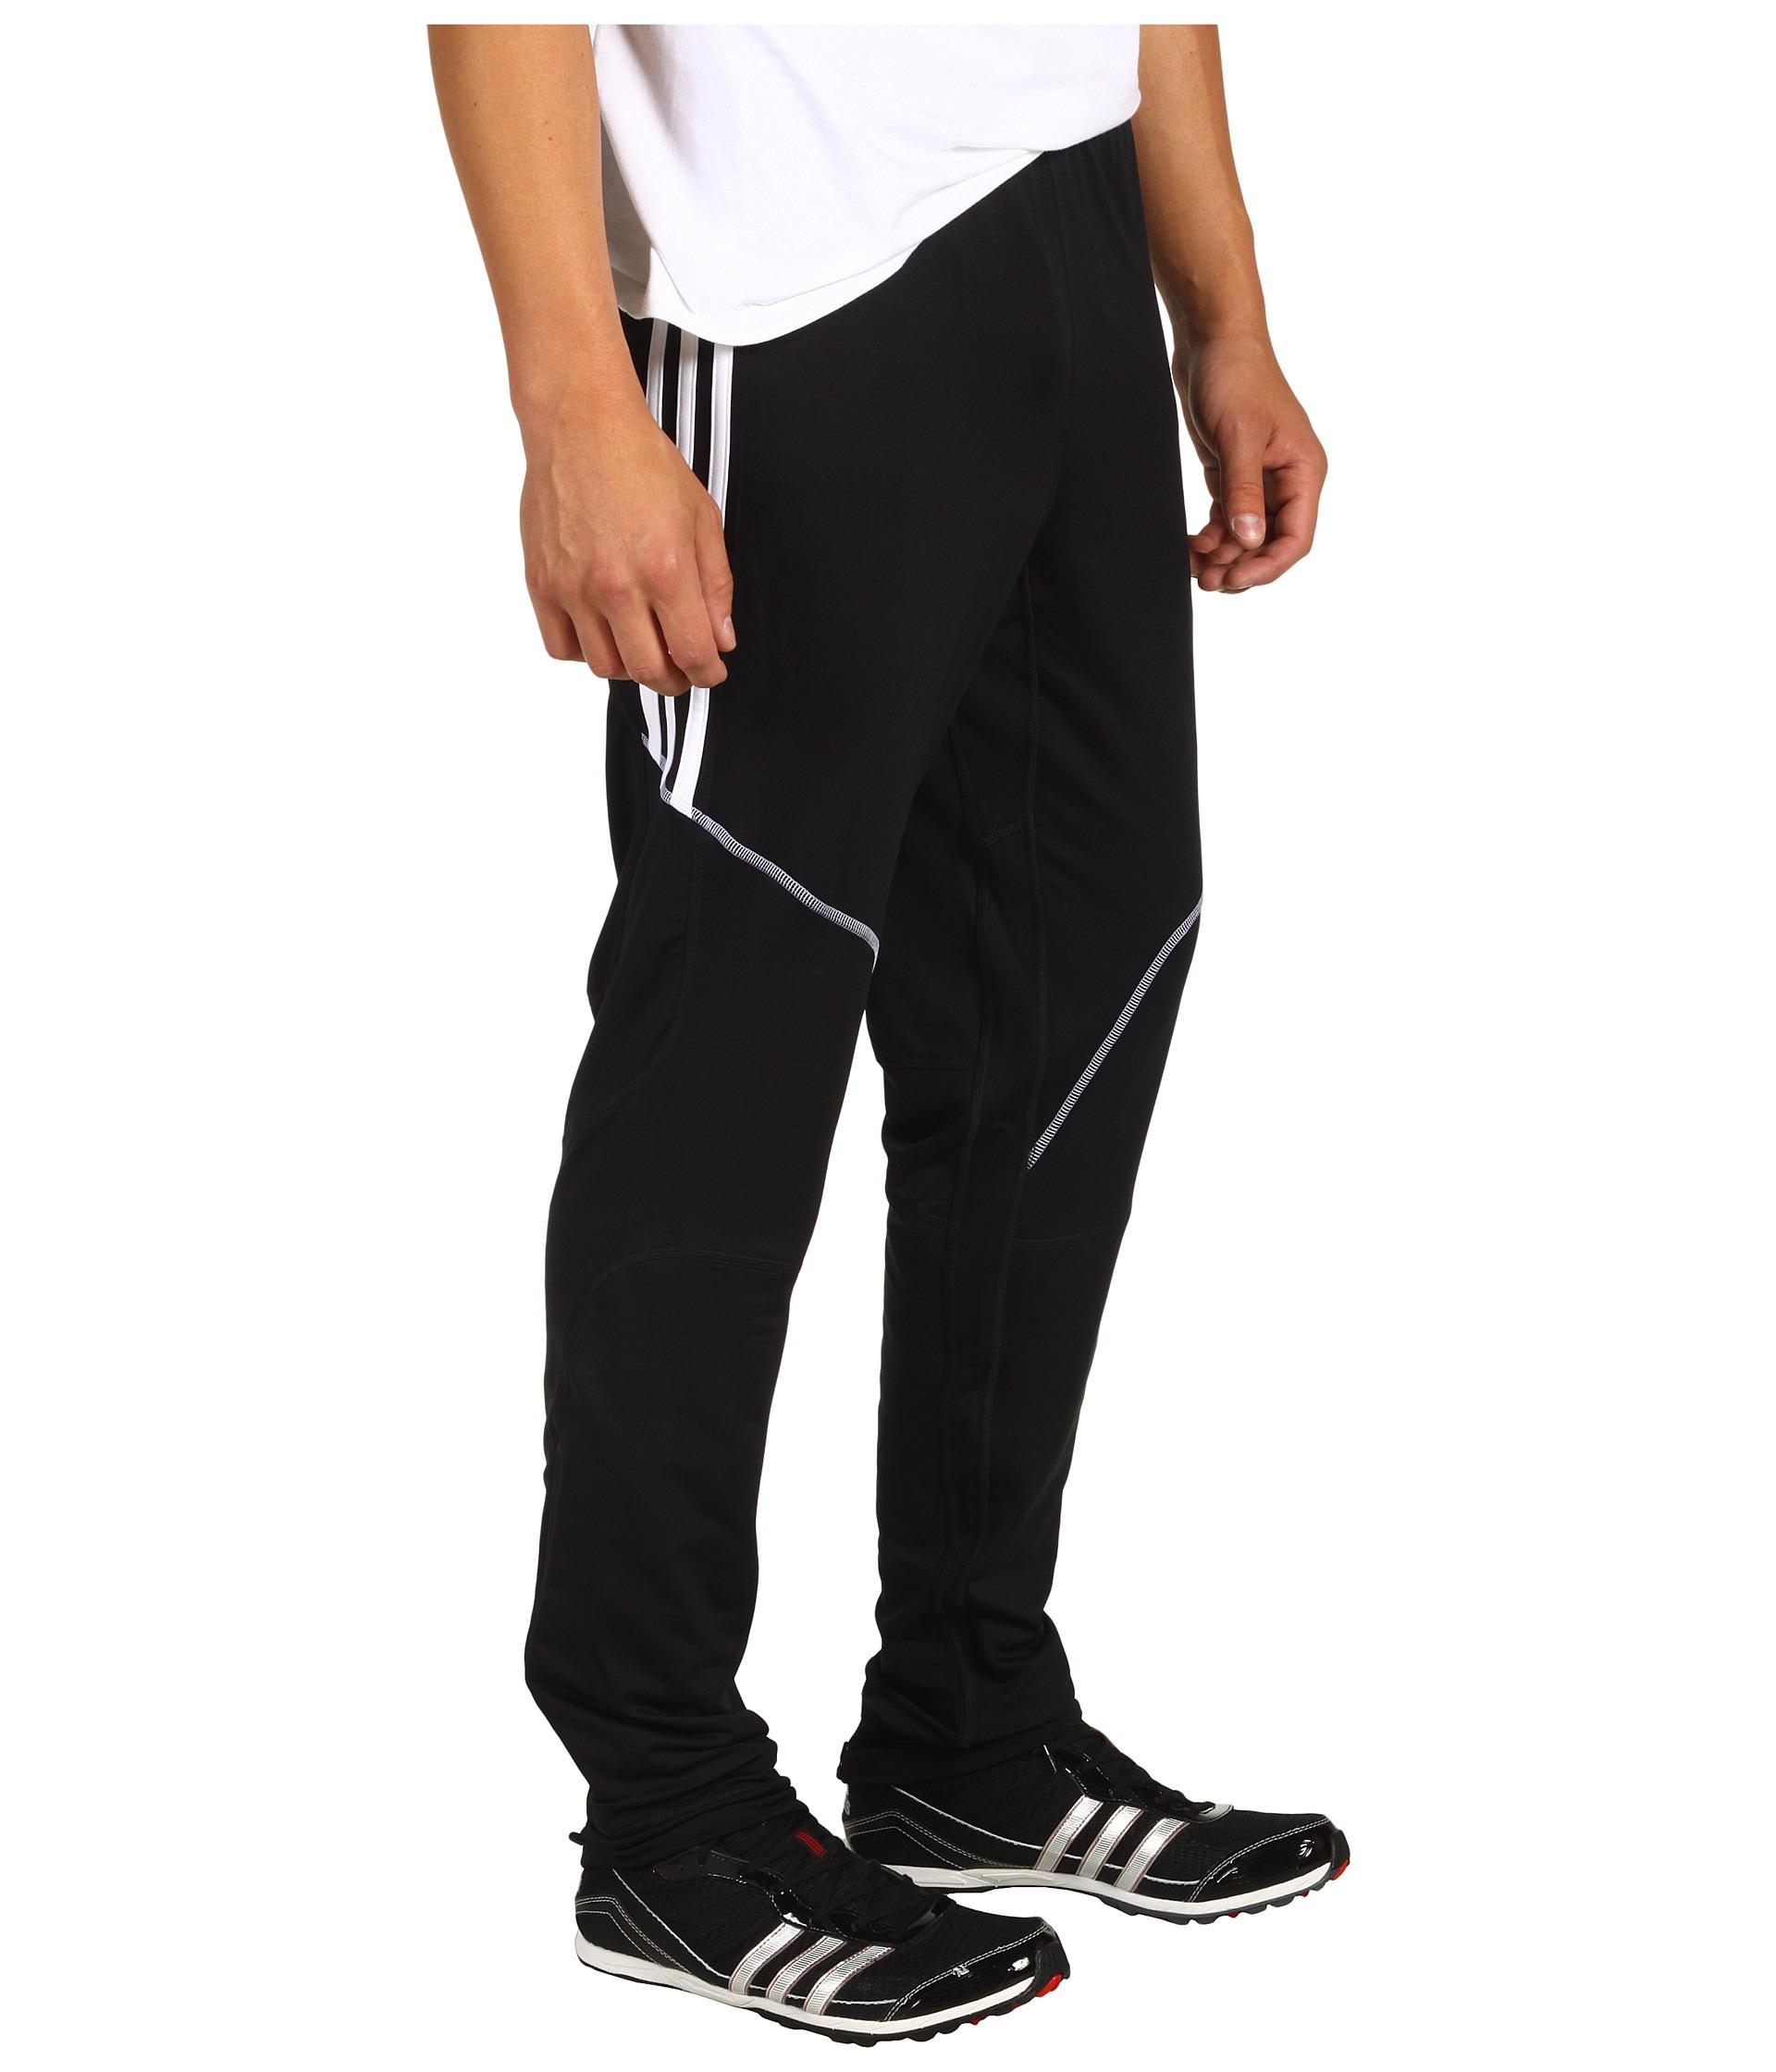 Купить брюки адидас доставка